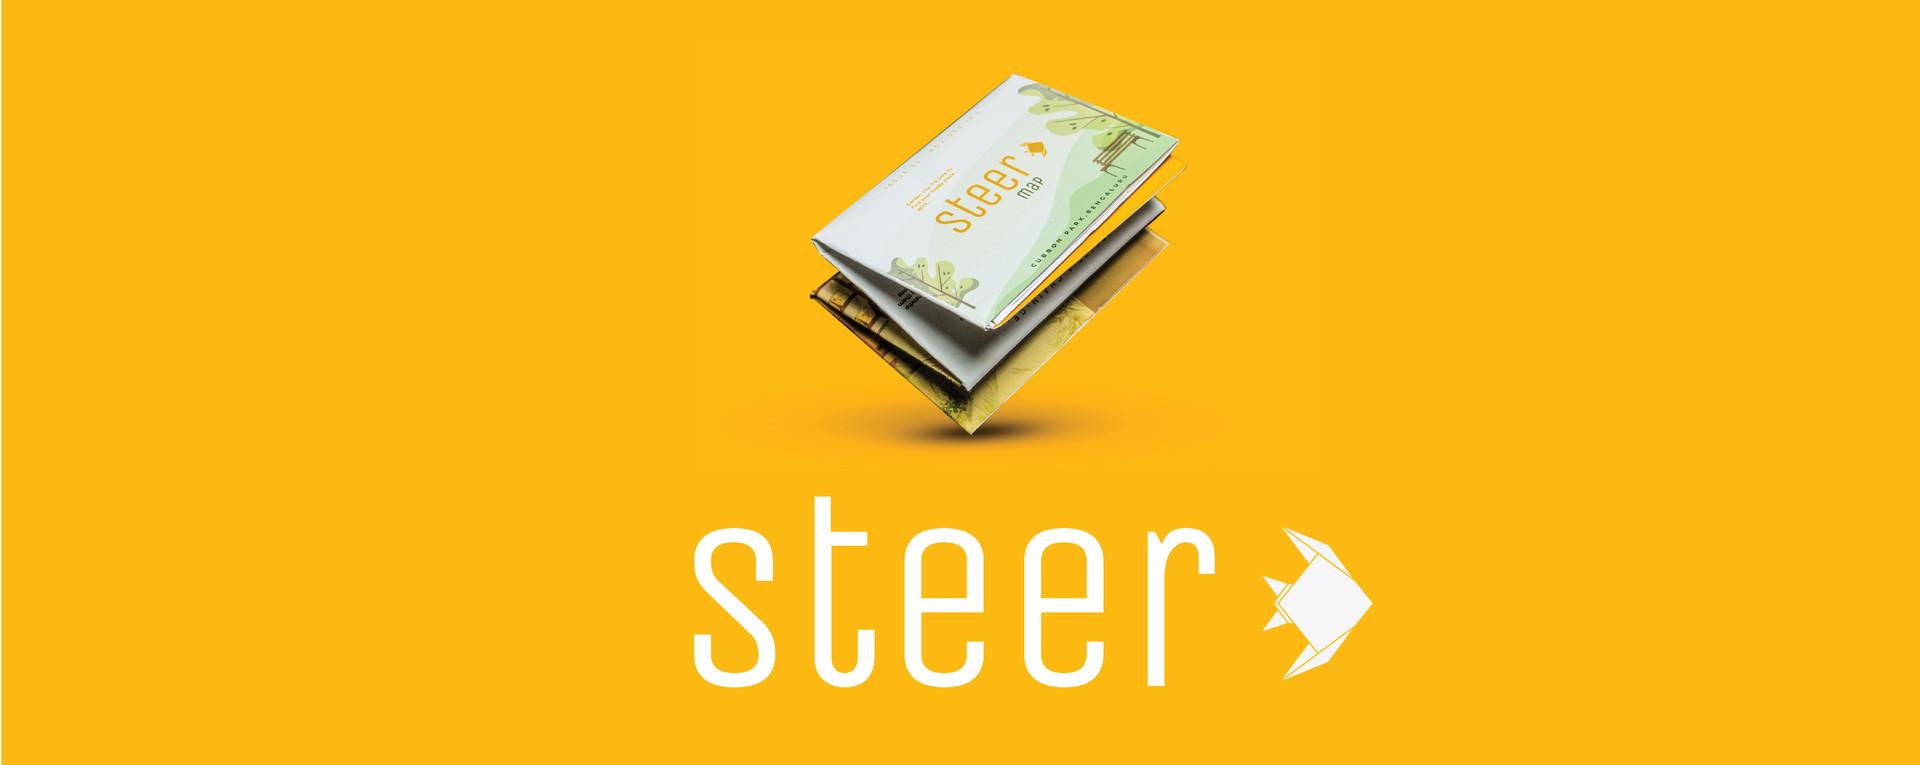 steer strip-02.jpg